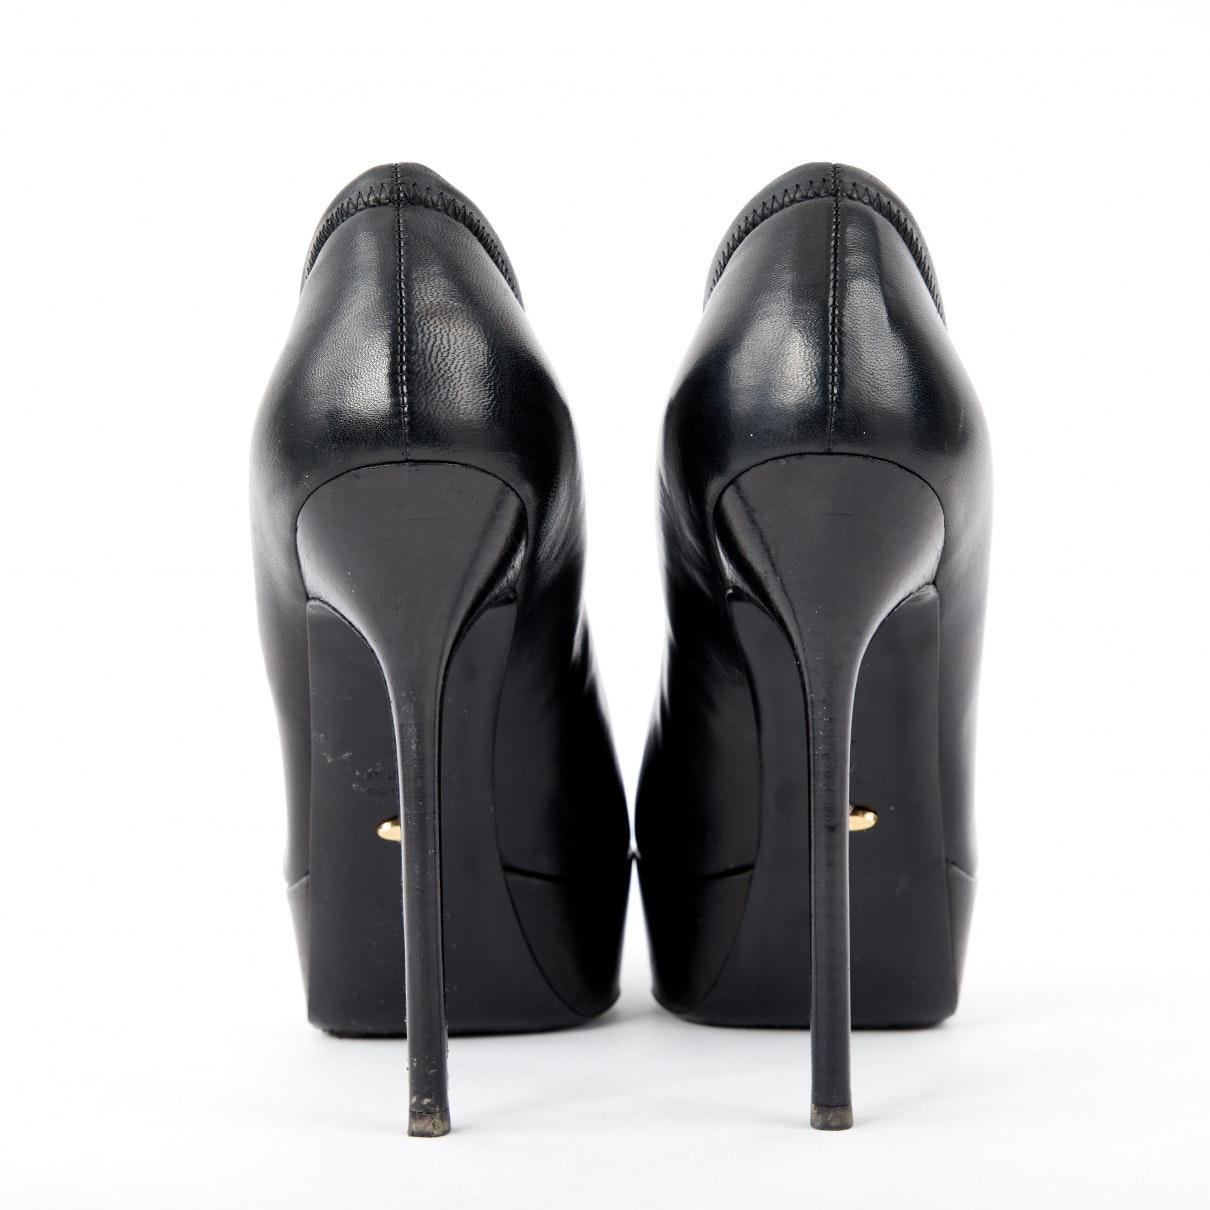 Tacones en cuero negro Sergio Rossi de Cuero de color Negro